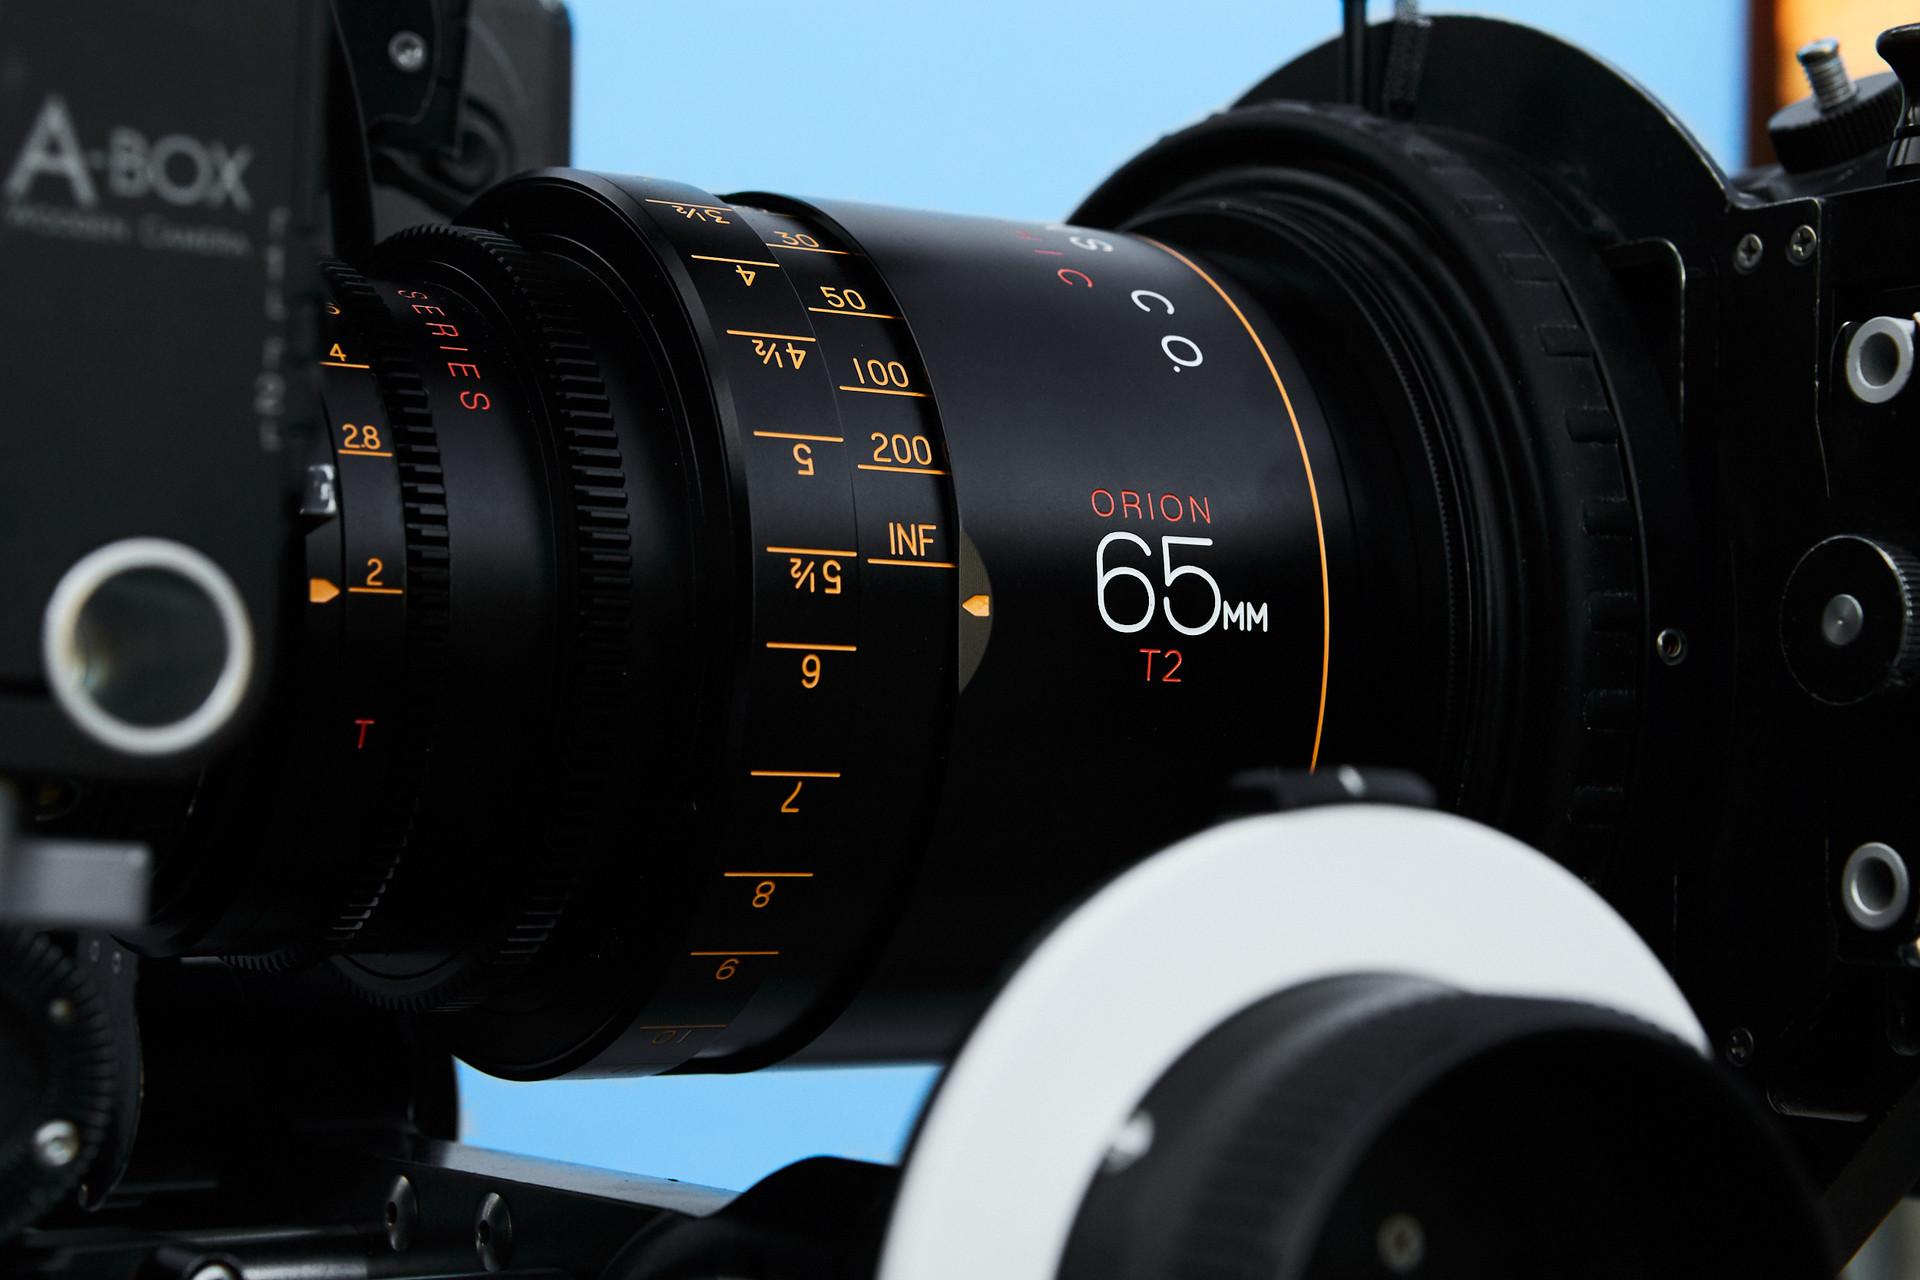 Atlas Orion 65mm Lens